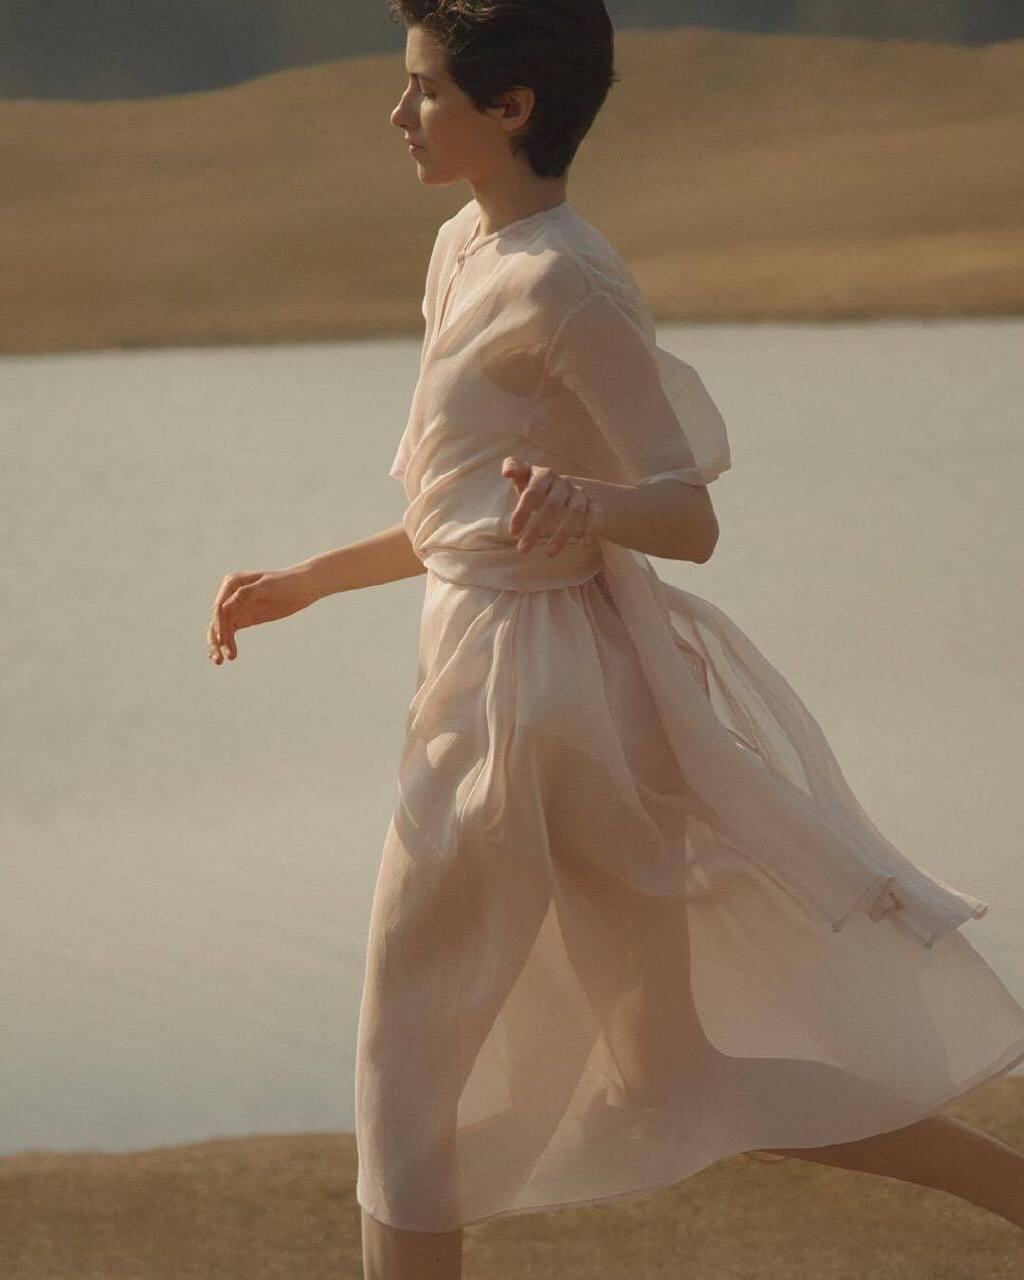 俄罗斯摄影师Anastasia Lisitsyna的人像摄影作品 审美灵感 第1张